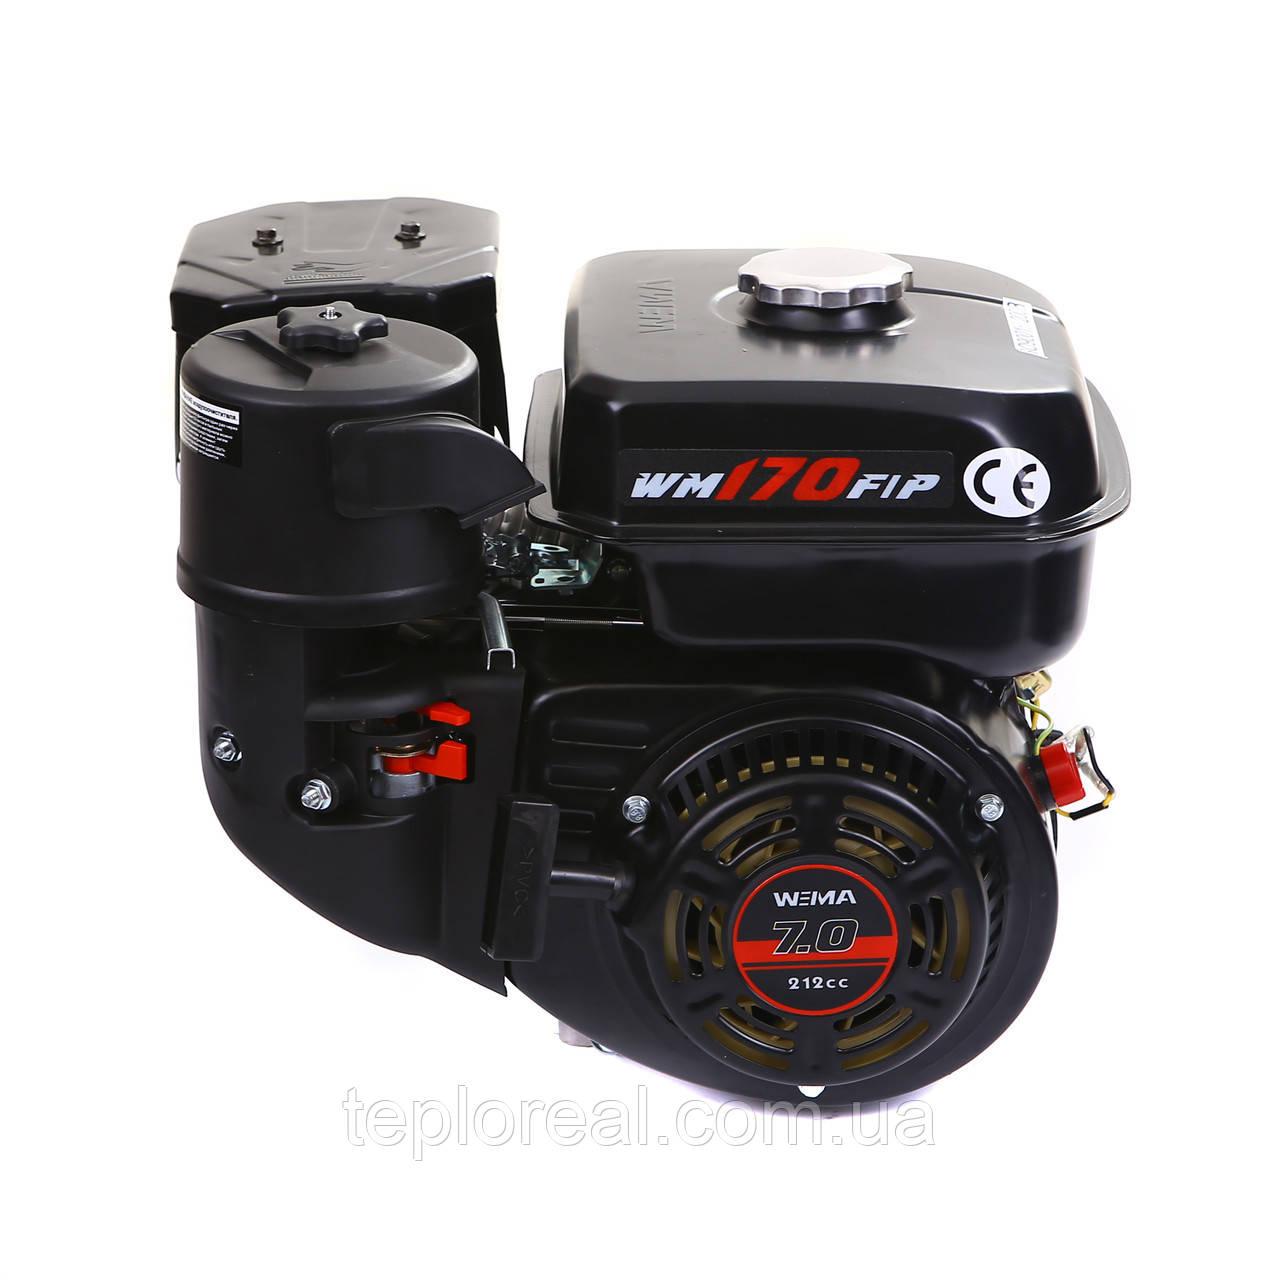 Двигатель бензиновый WEIMA(Вейма) WM170F-S DELUXE (7,0 л.с.под шпонку)